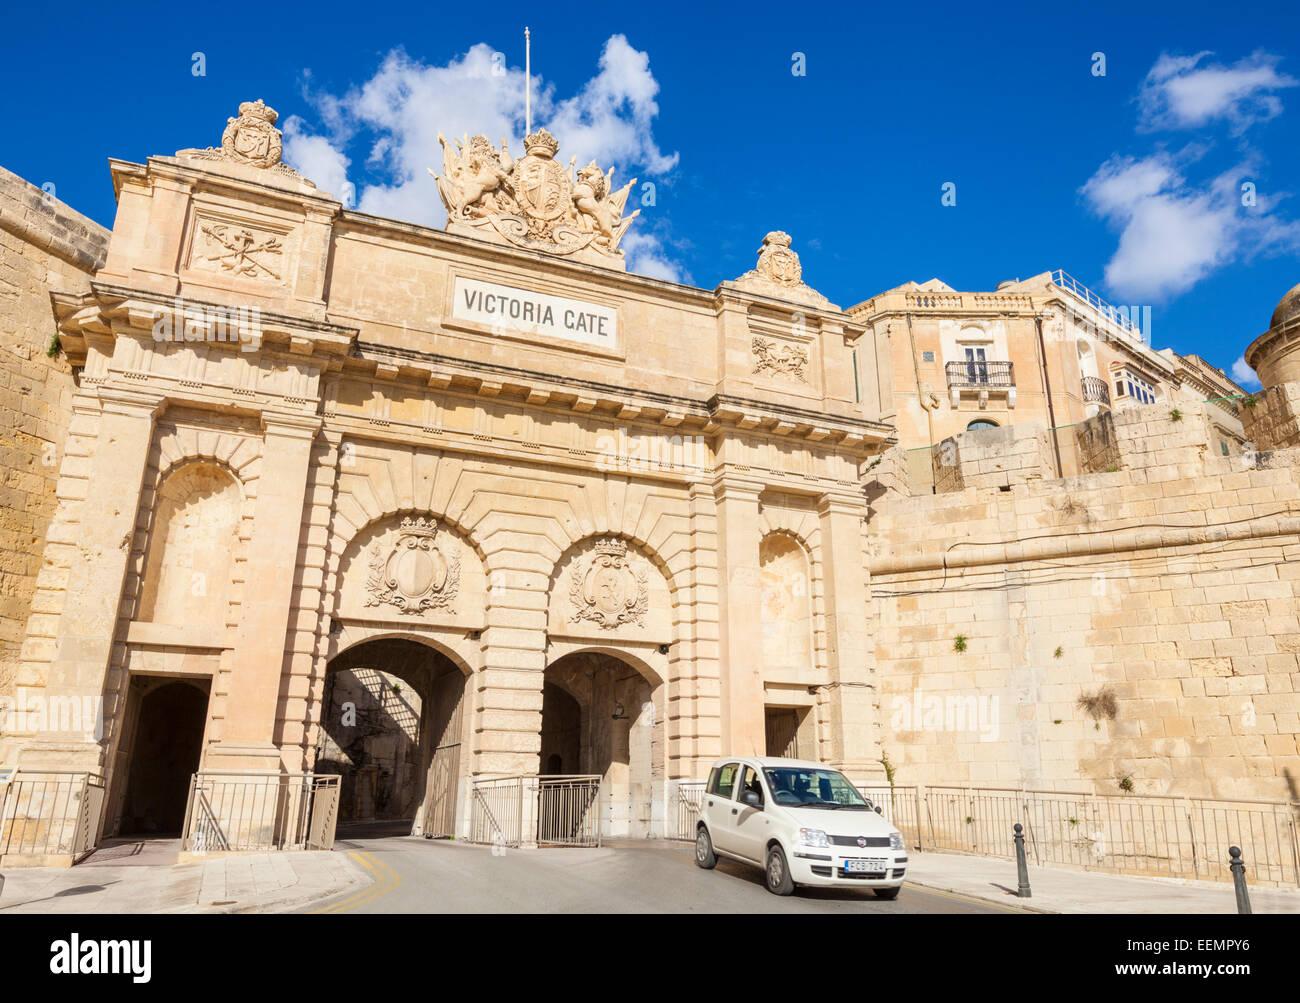 Victoria Gate Valletta Malta EU Europe - Stock Image